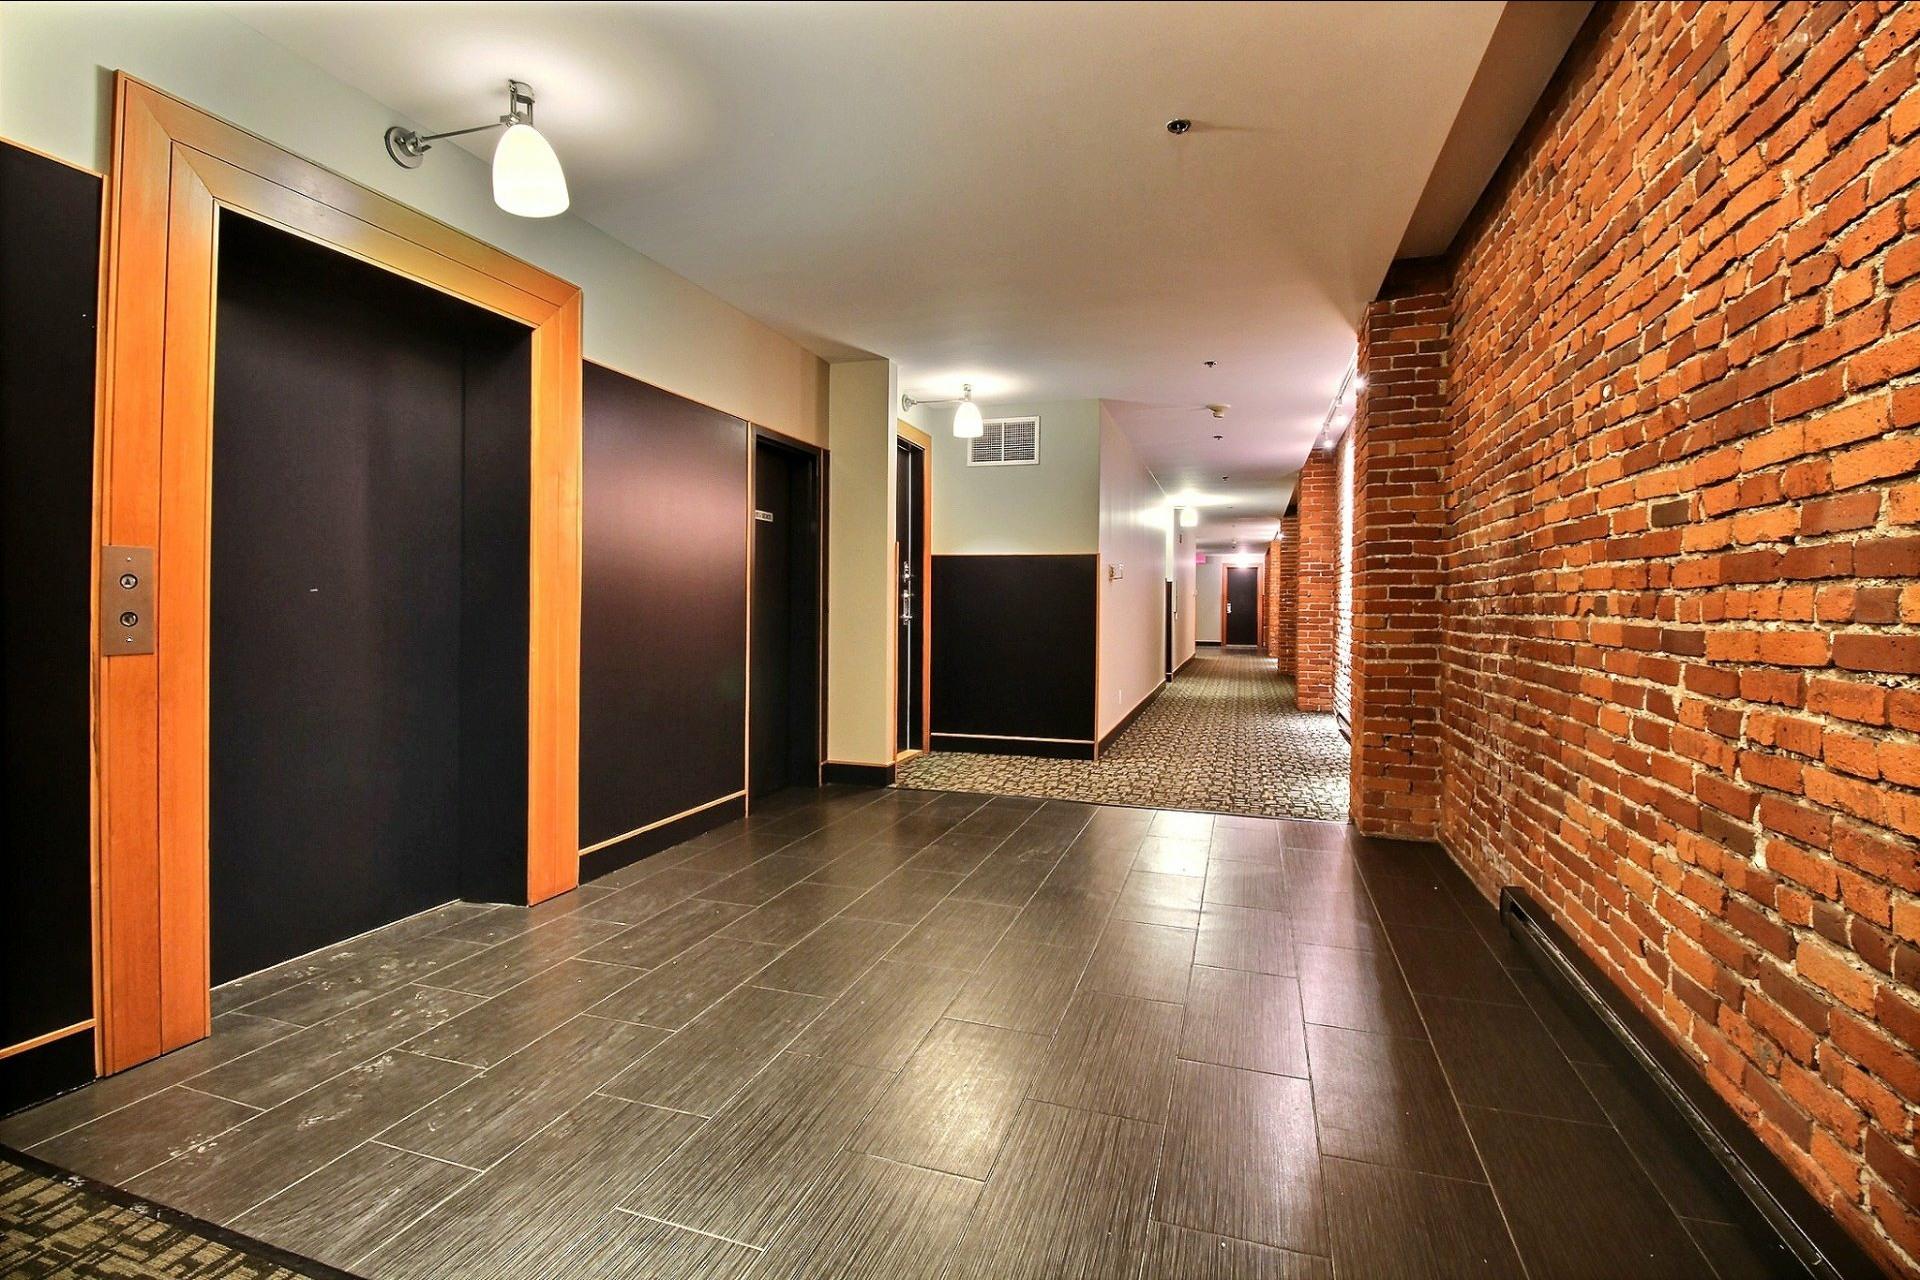 image 18 - Appartement À louer Ville-Marie Montréal  - 4 pièces